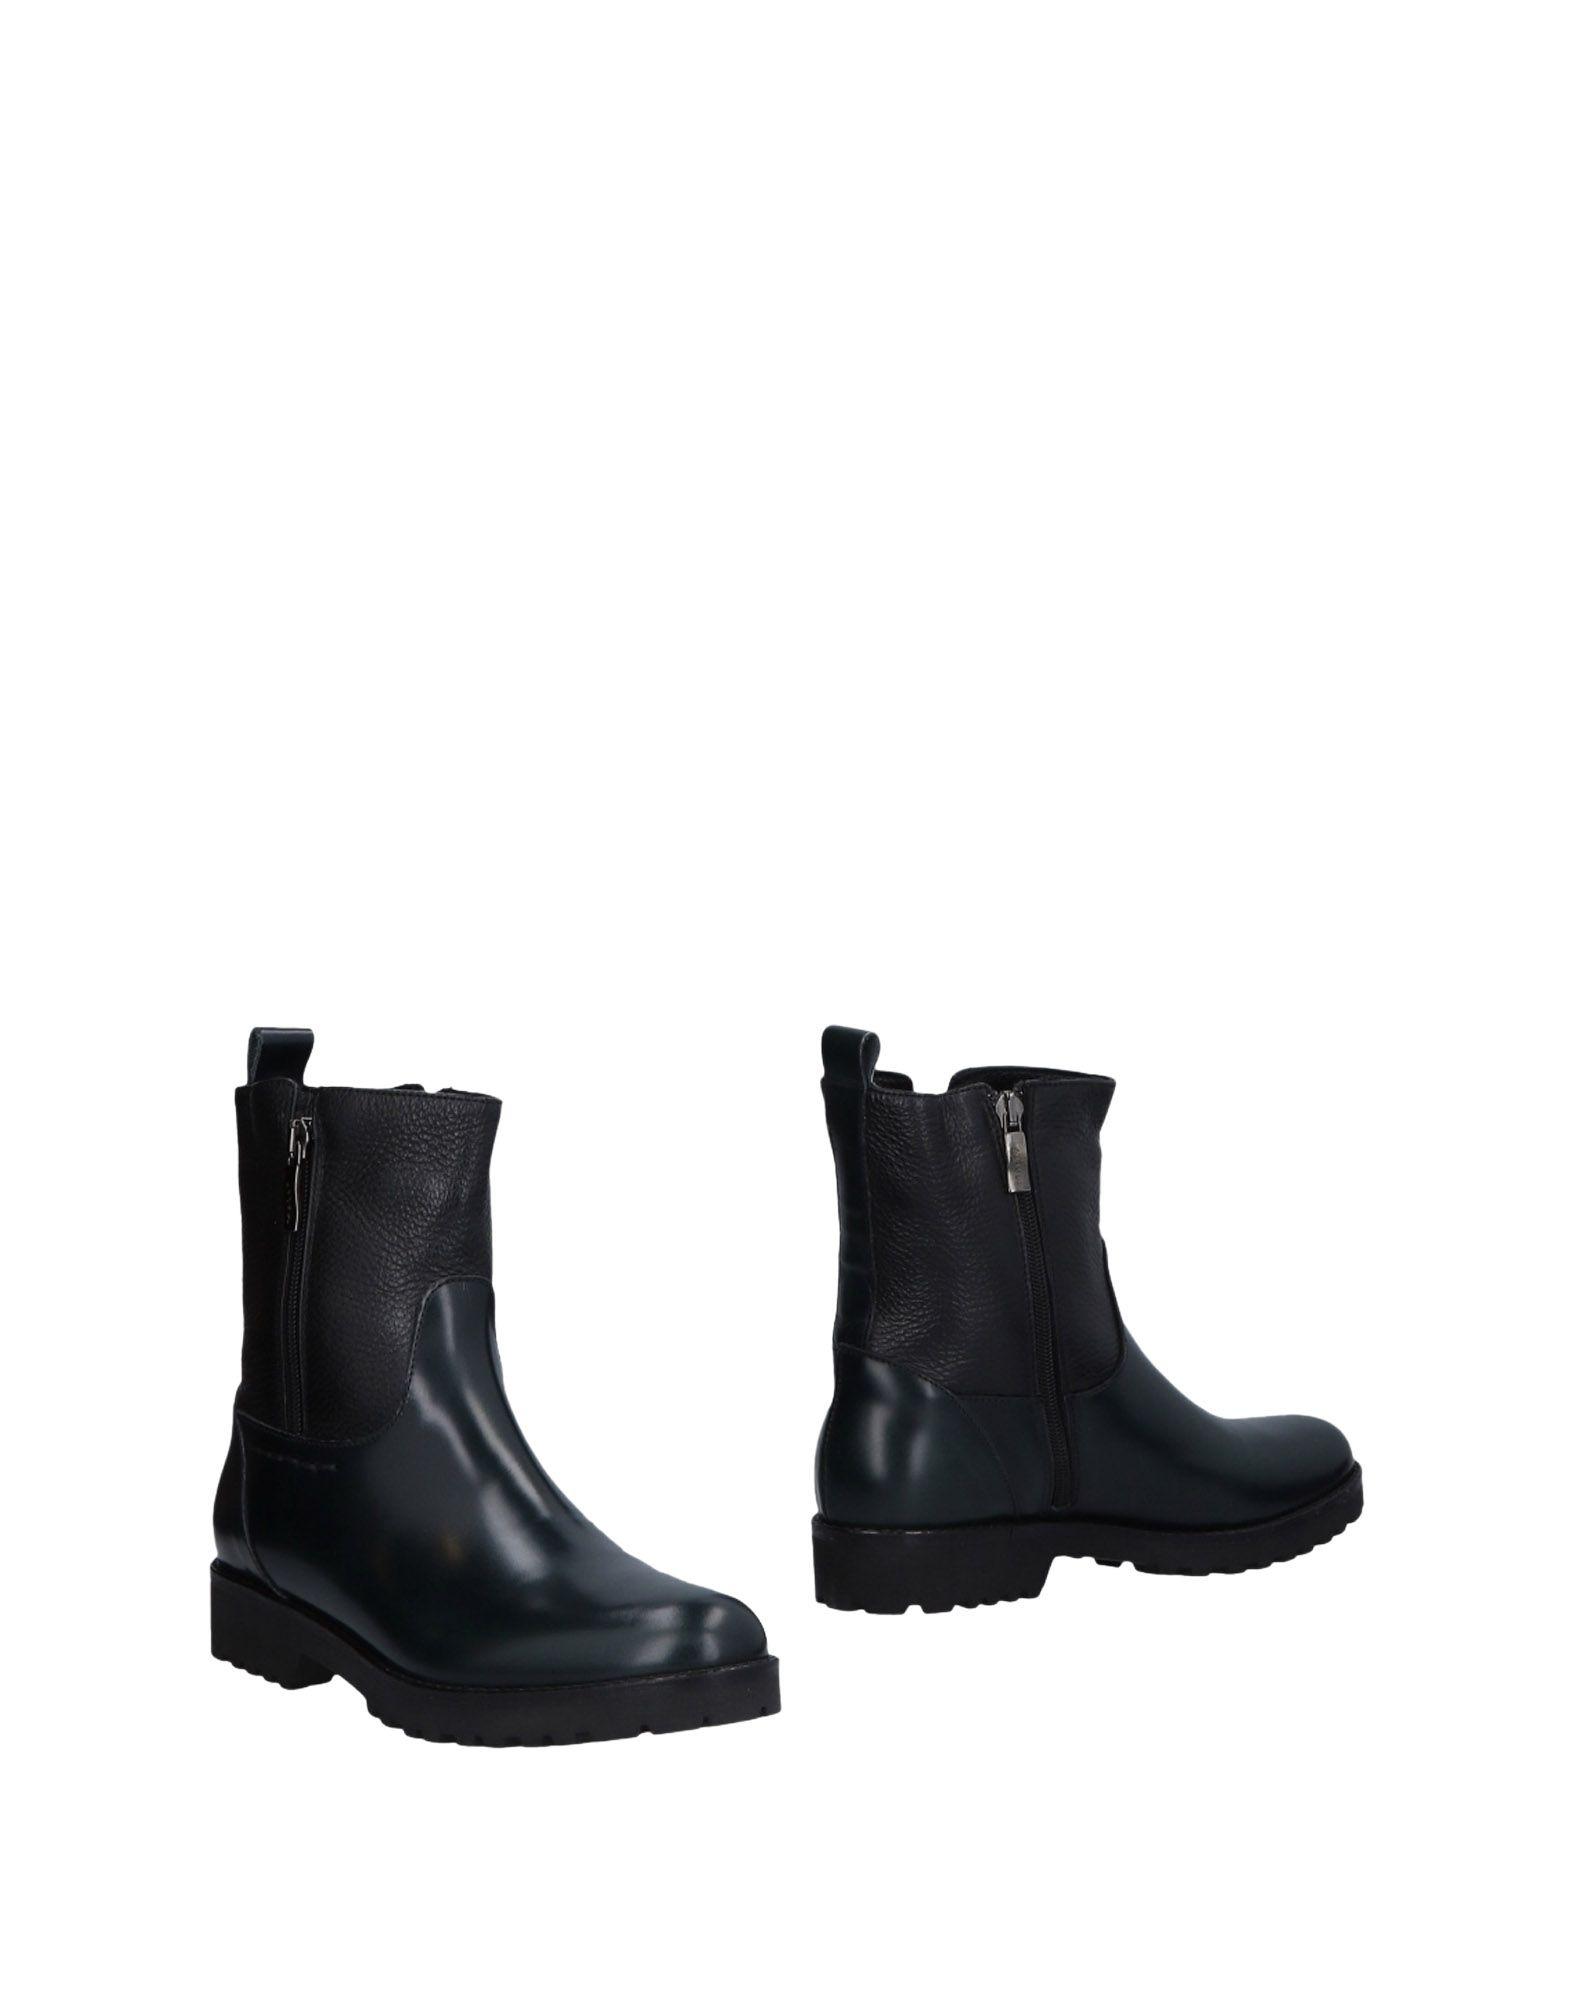 Mally Stiefelette Damen  11476356VQ Gute Qualität beliebte Schuhe